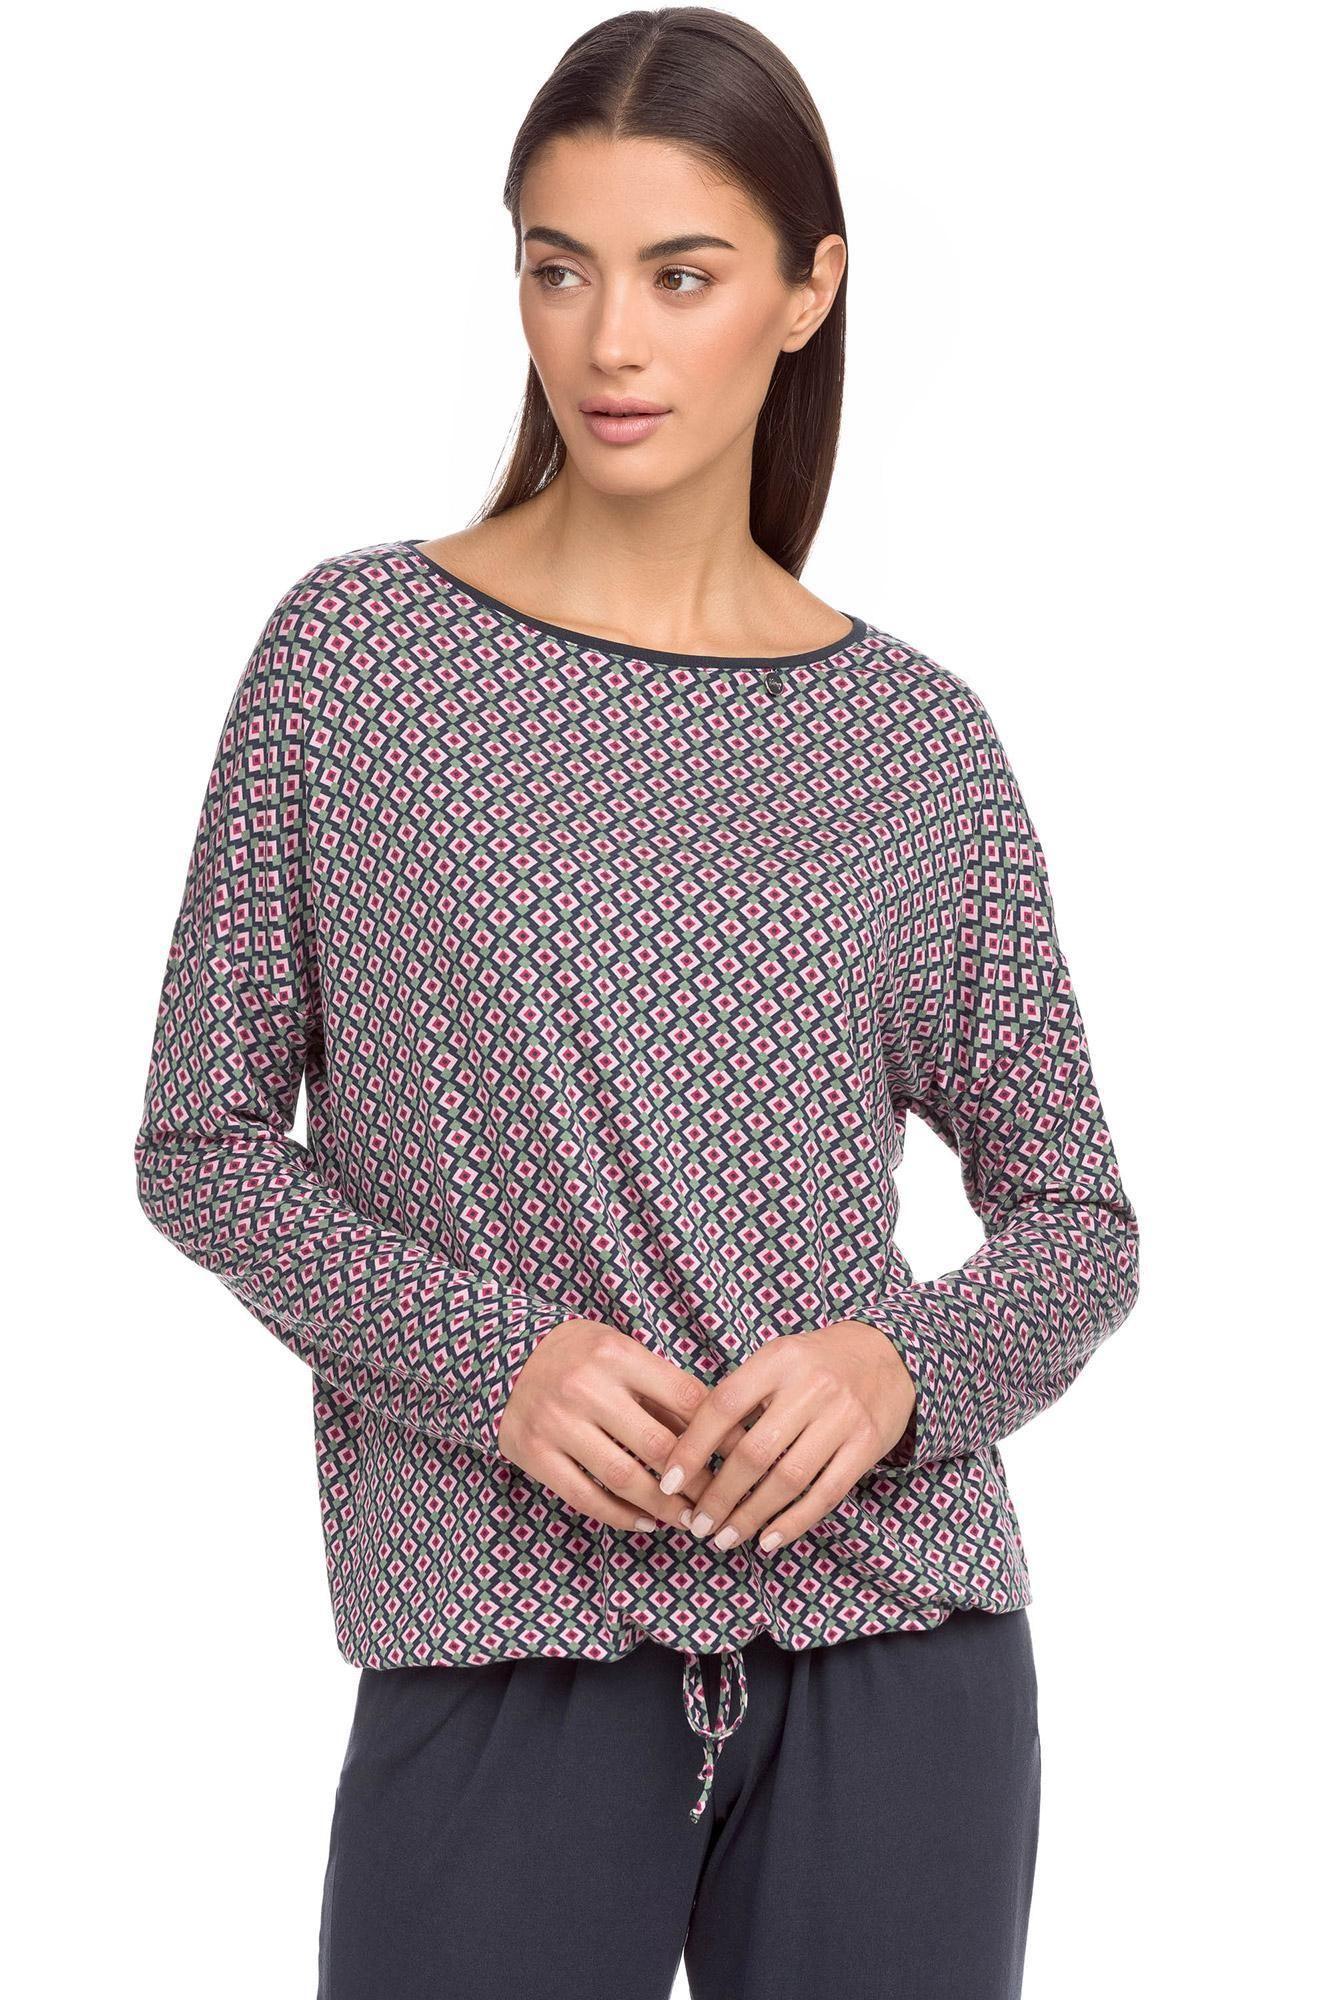 Γυναικεία πυτζάμα με εμπριμέ μπλούζα